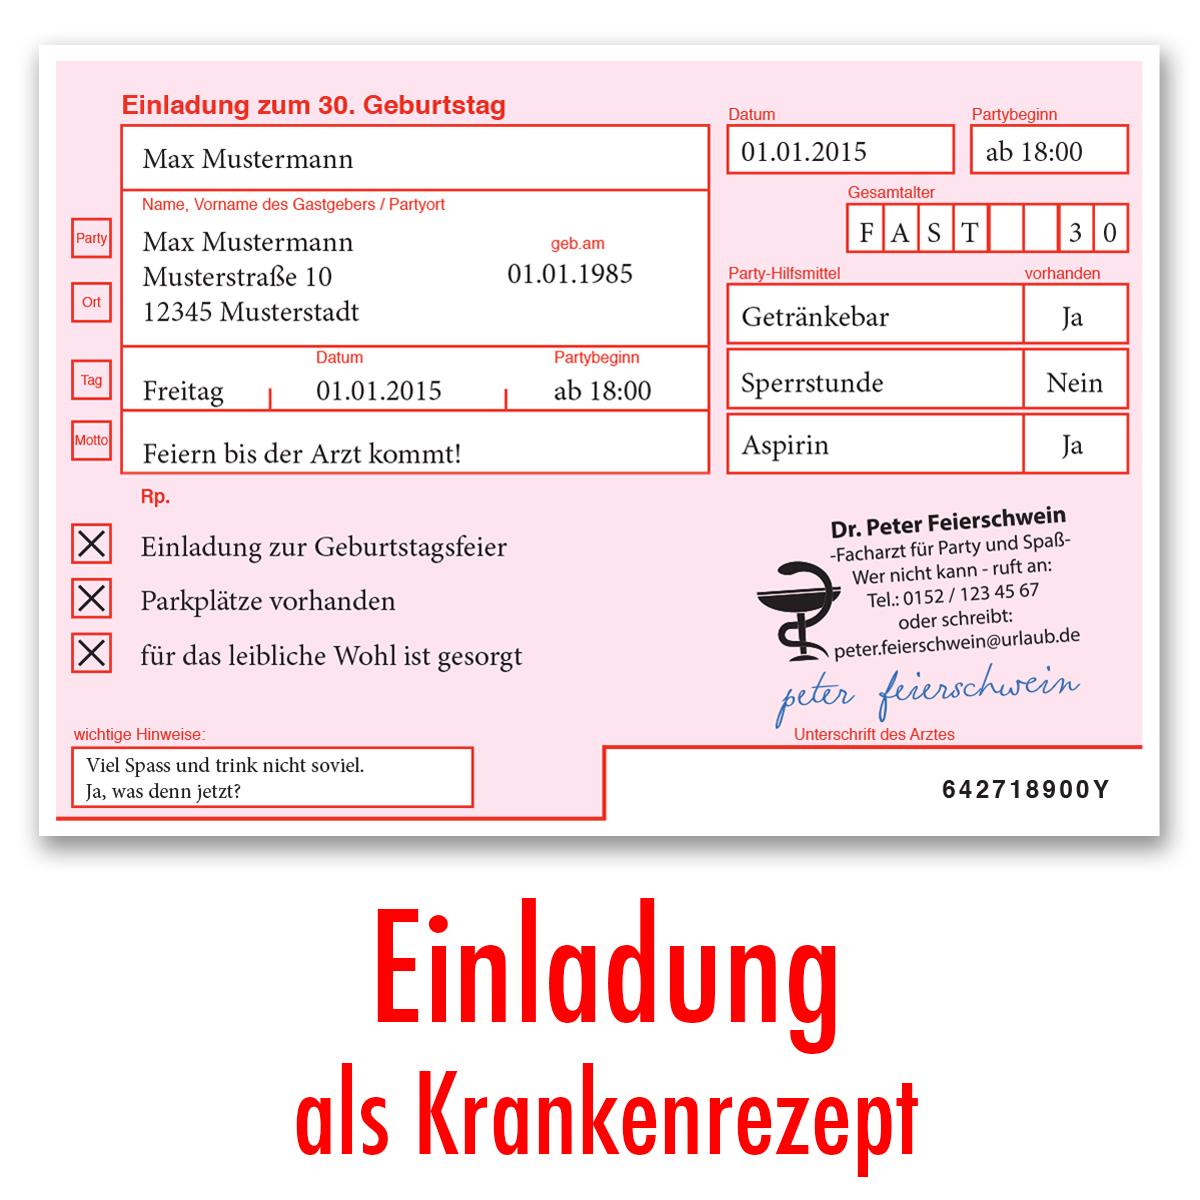 Einladungskarten zum Geburtstag als ärztliches Rezept Arzt Rosa Verschreibung | eBay